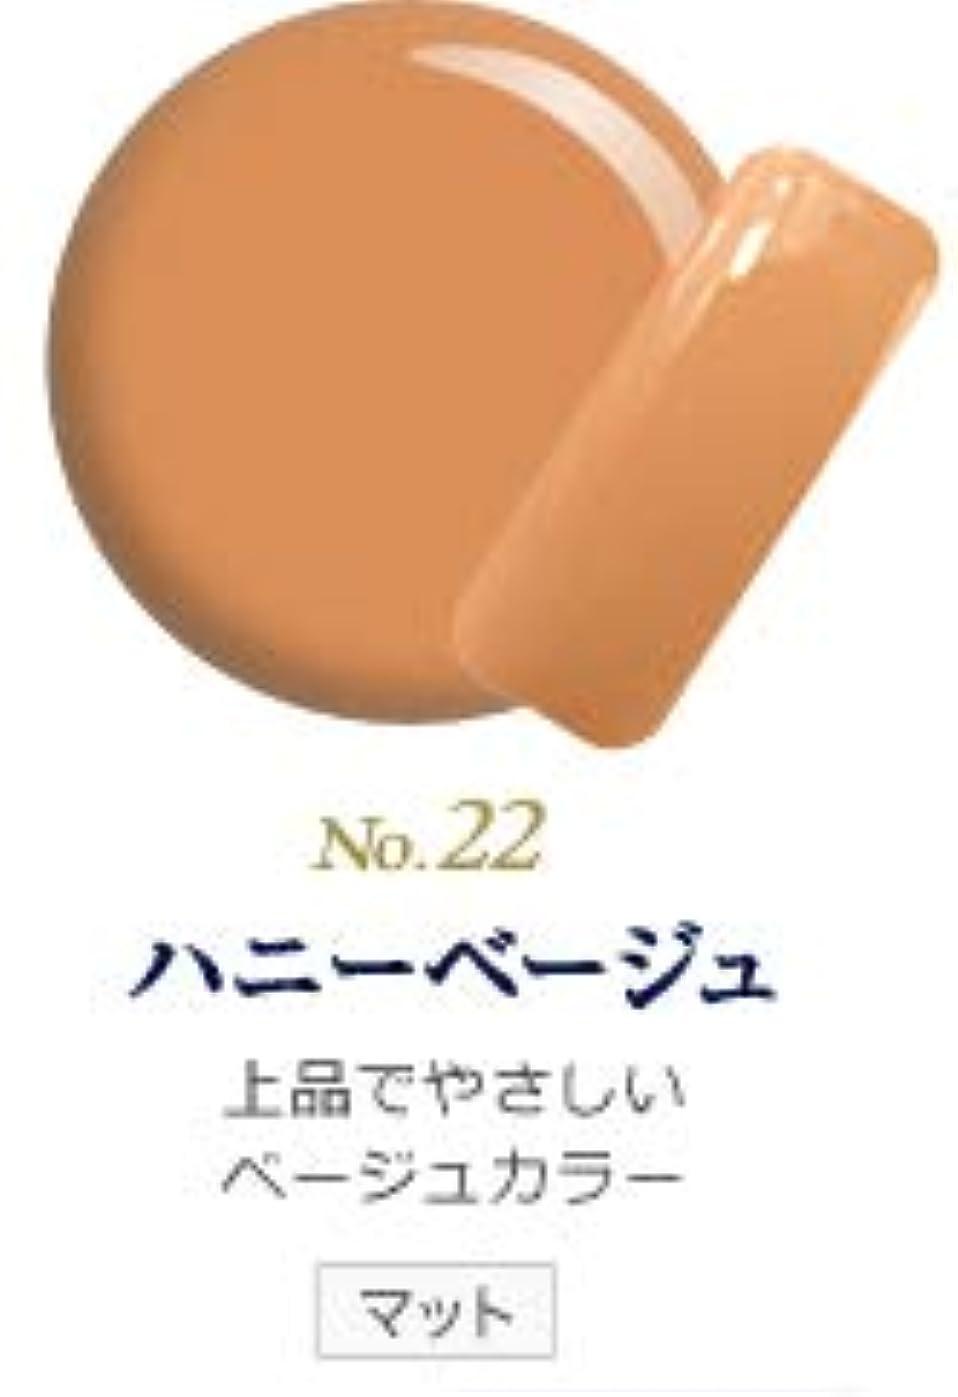 小数輪郭フィールドカラージェル 発色抜群 削らなくてもオフが出来る 新グレースジェルカラーNo.11~No.209 (ハニーベージュ)